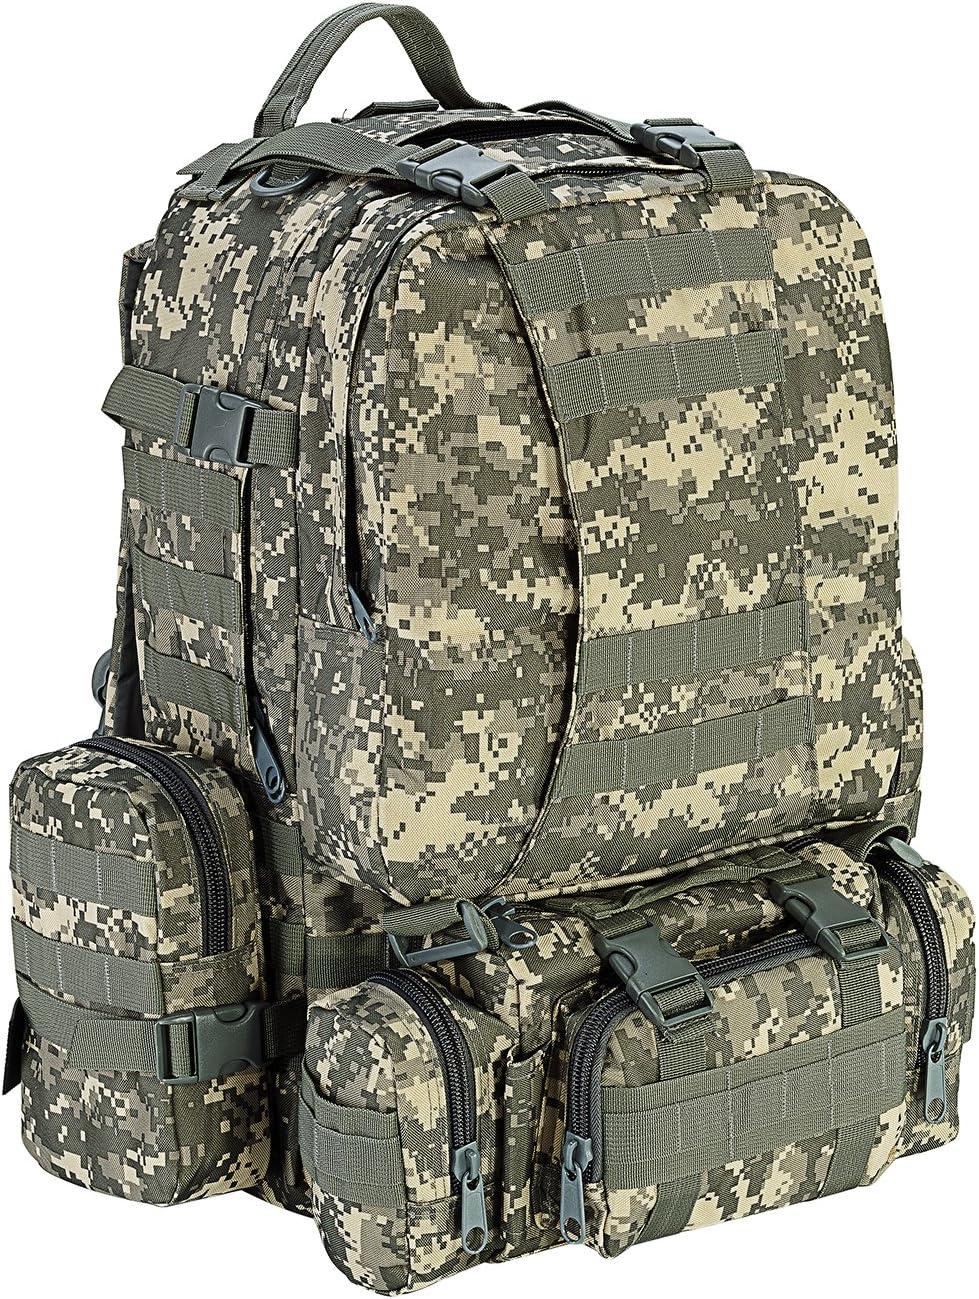 CVLIFE best rucksack for military training